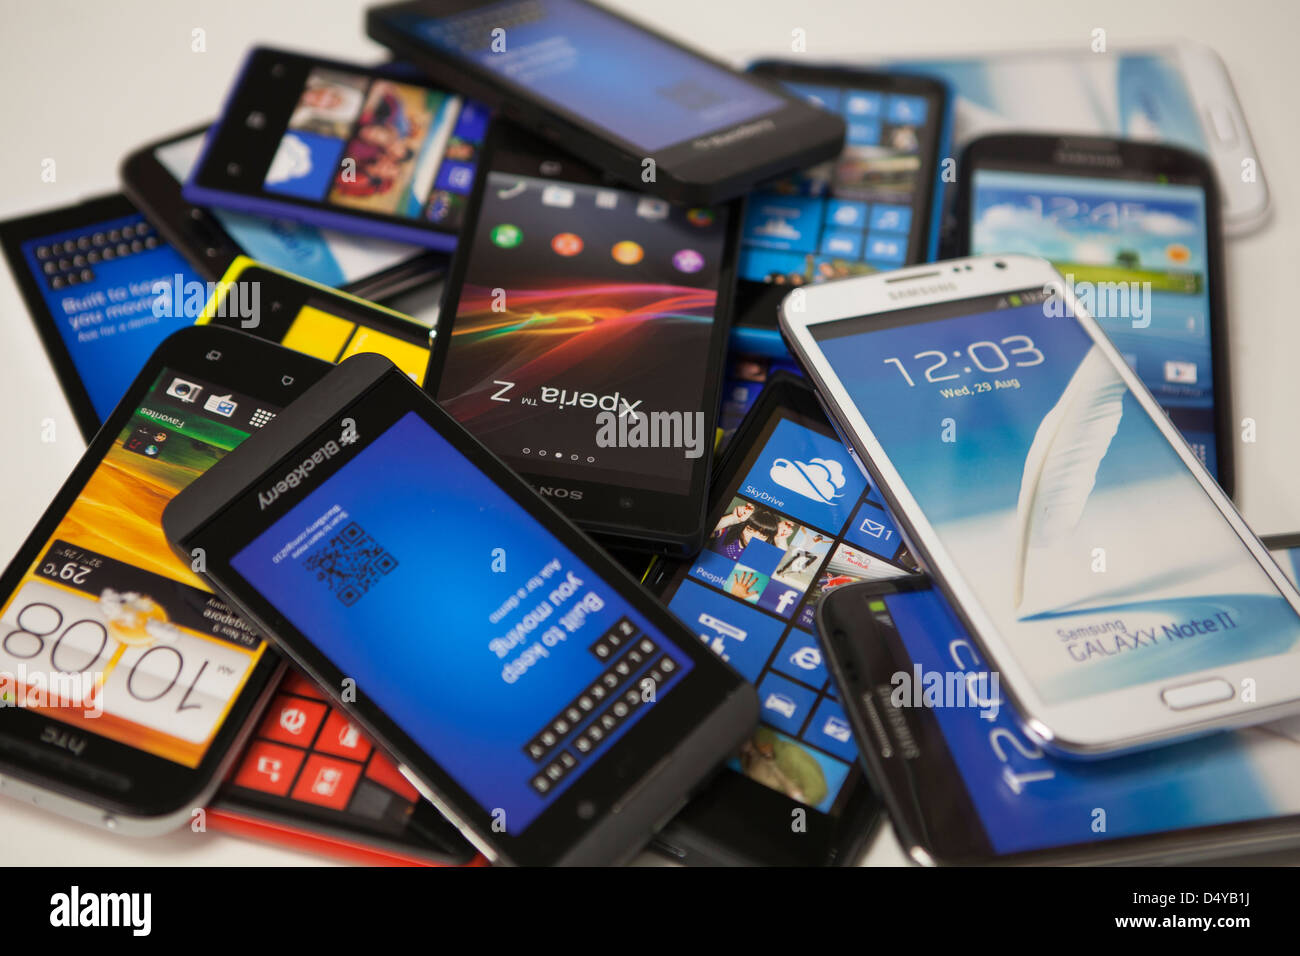 Montón de teléfonos inteligentes. Imagen De Stock